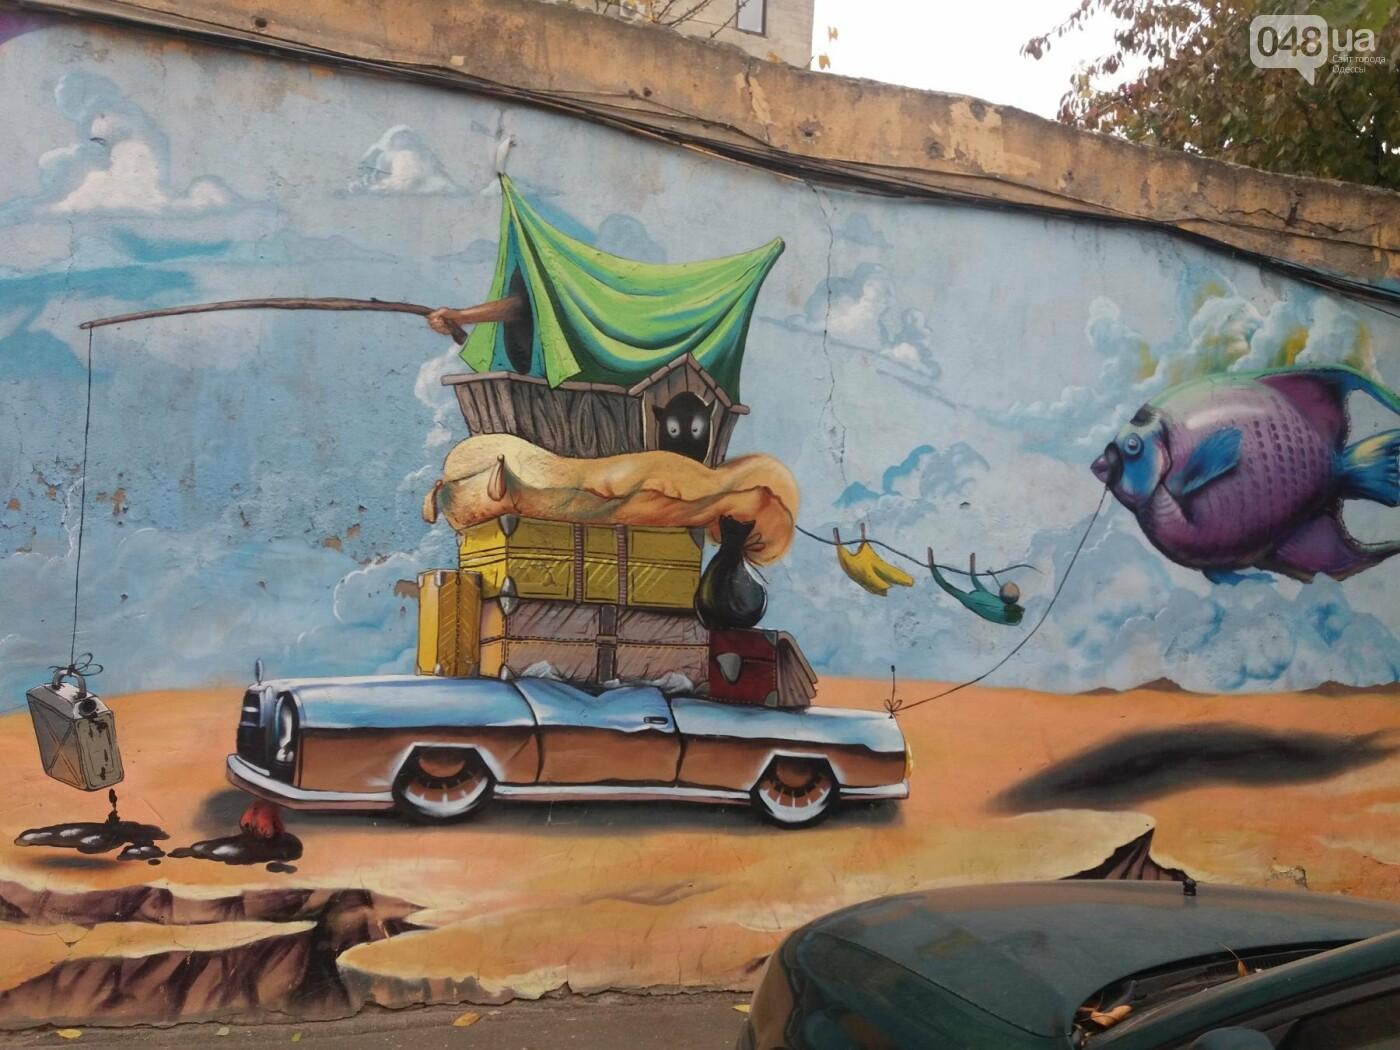 В центре Одессы обычную булочную превращают в шедевр граффити (ФОТО, ВИДЕО), фото-4